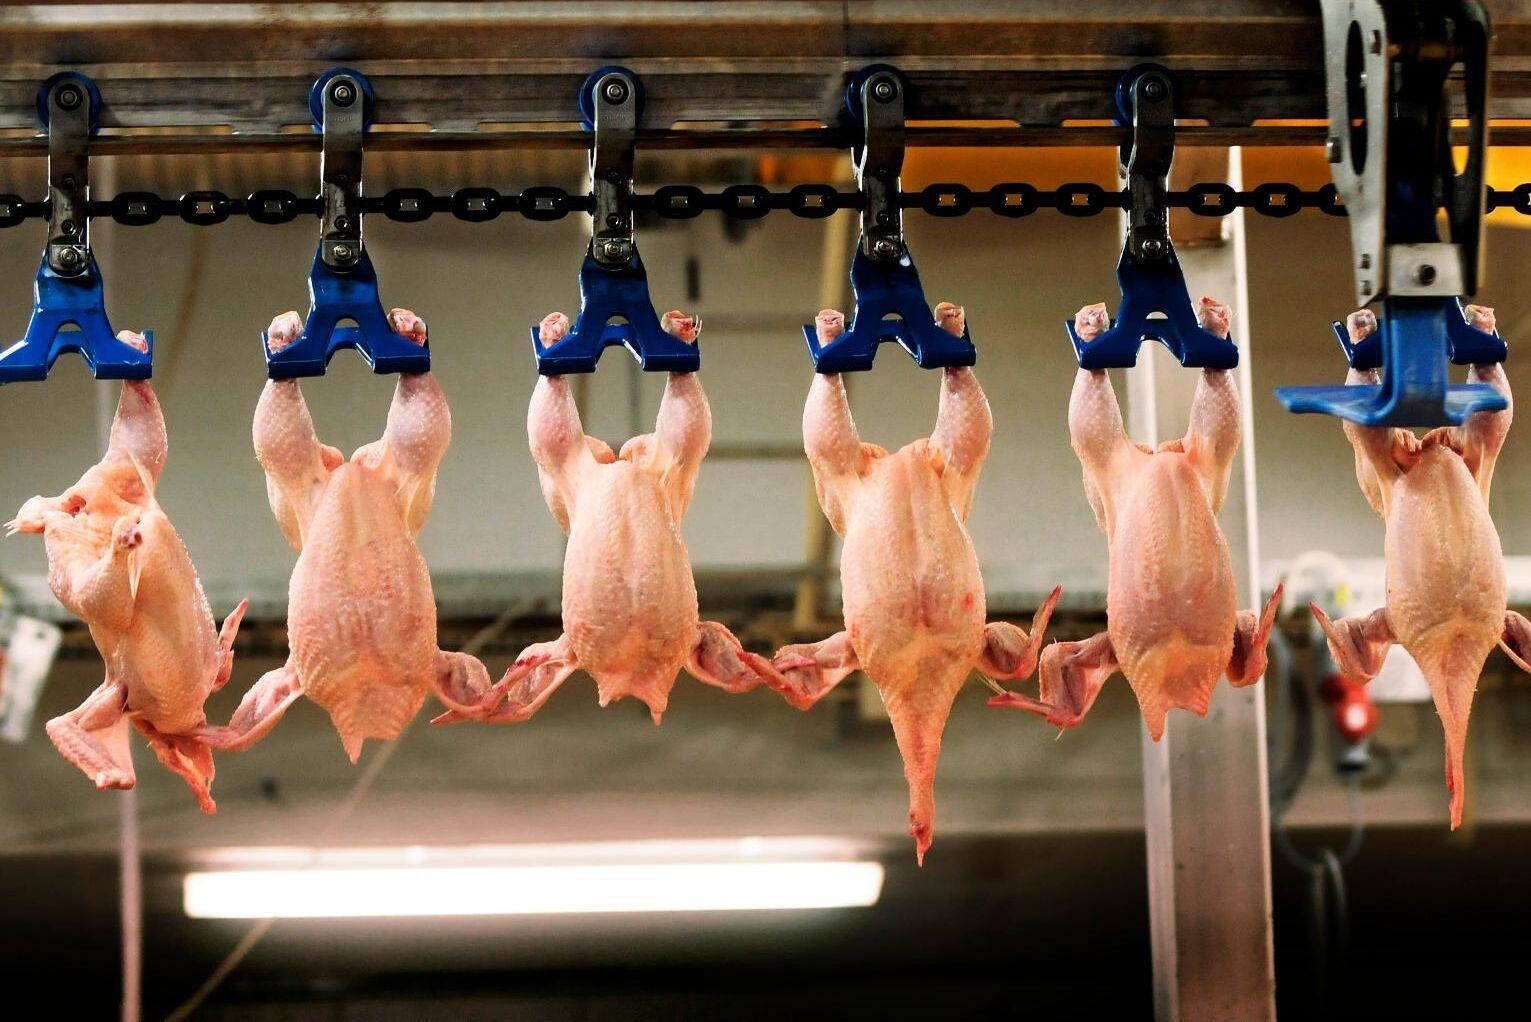 Slakteriet anmäldes i april, efter att det förra året framkommit att minst tio kycklingar skållats levande. Arkivbild.